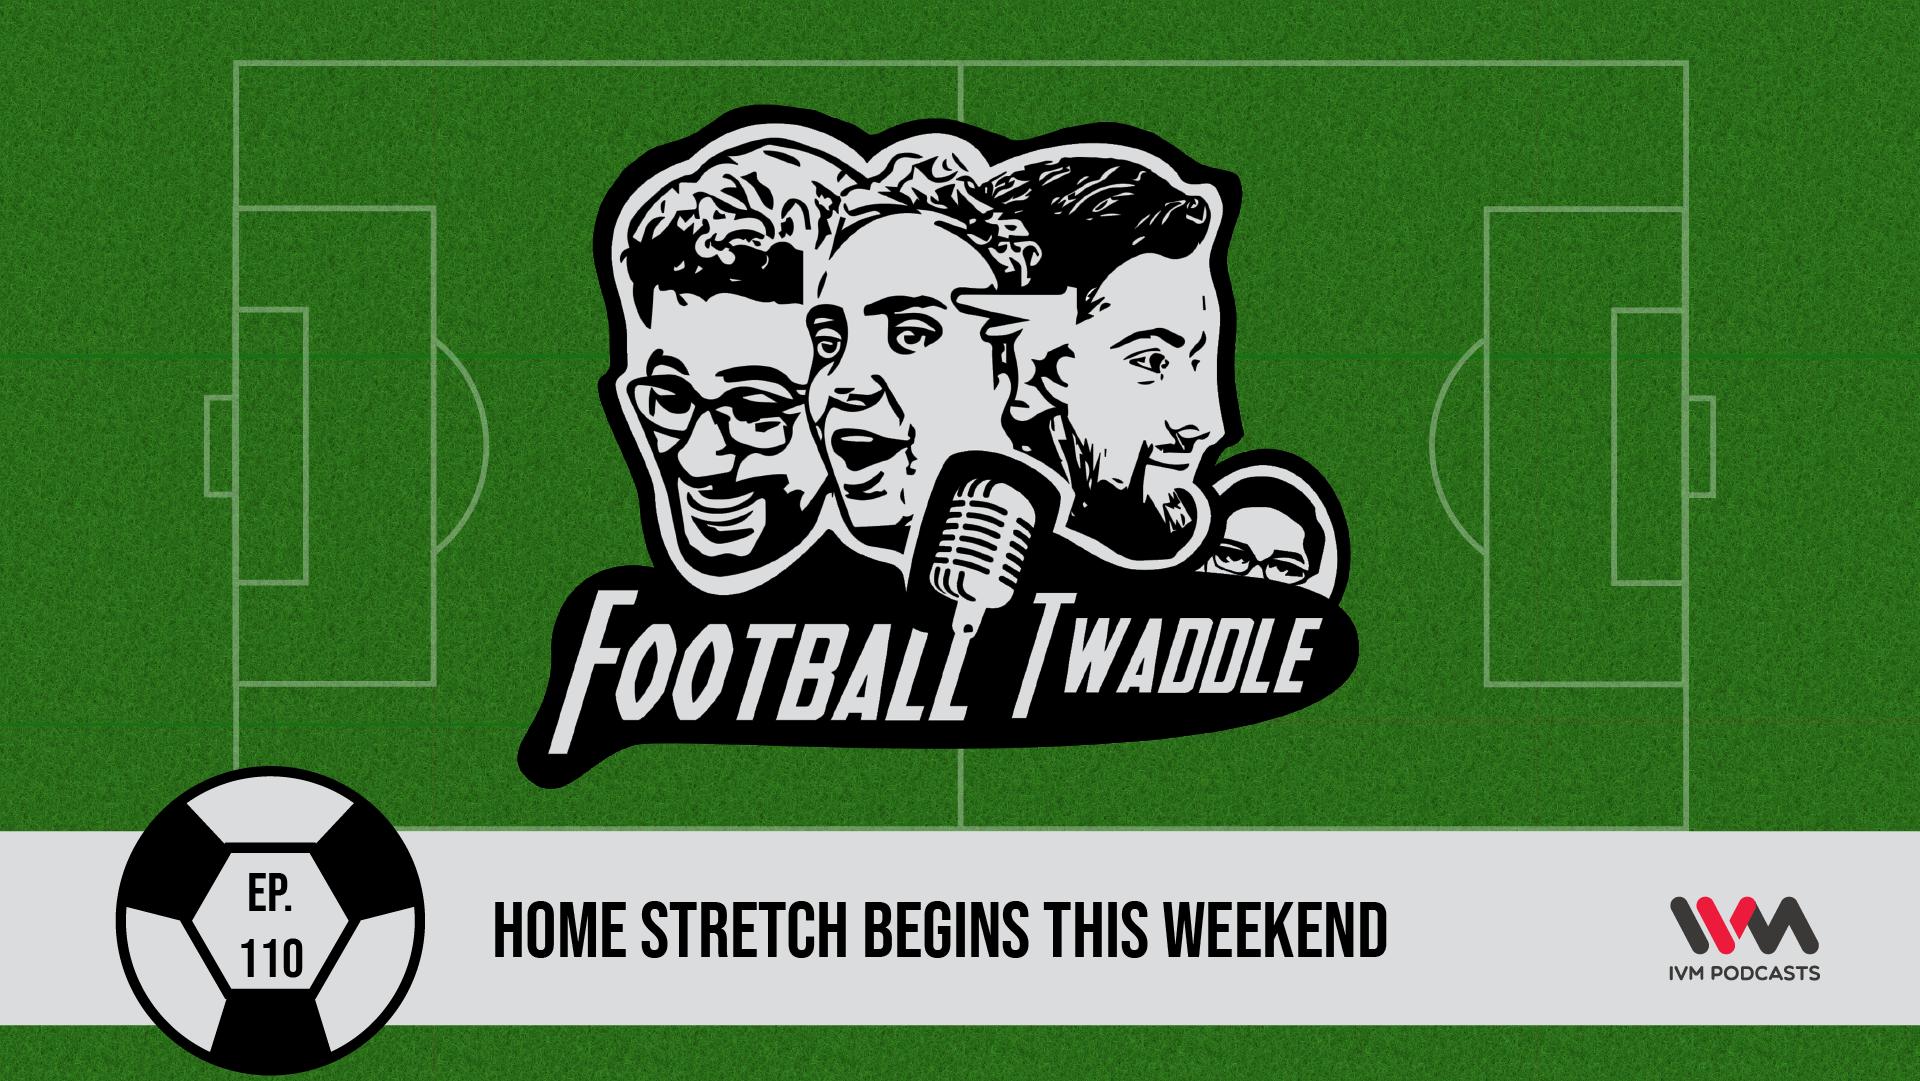 FootballTwaddleEpisode110.png